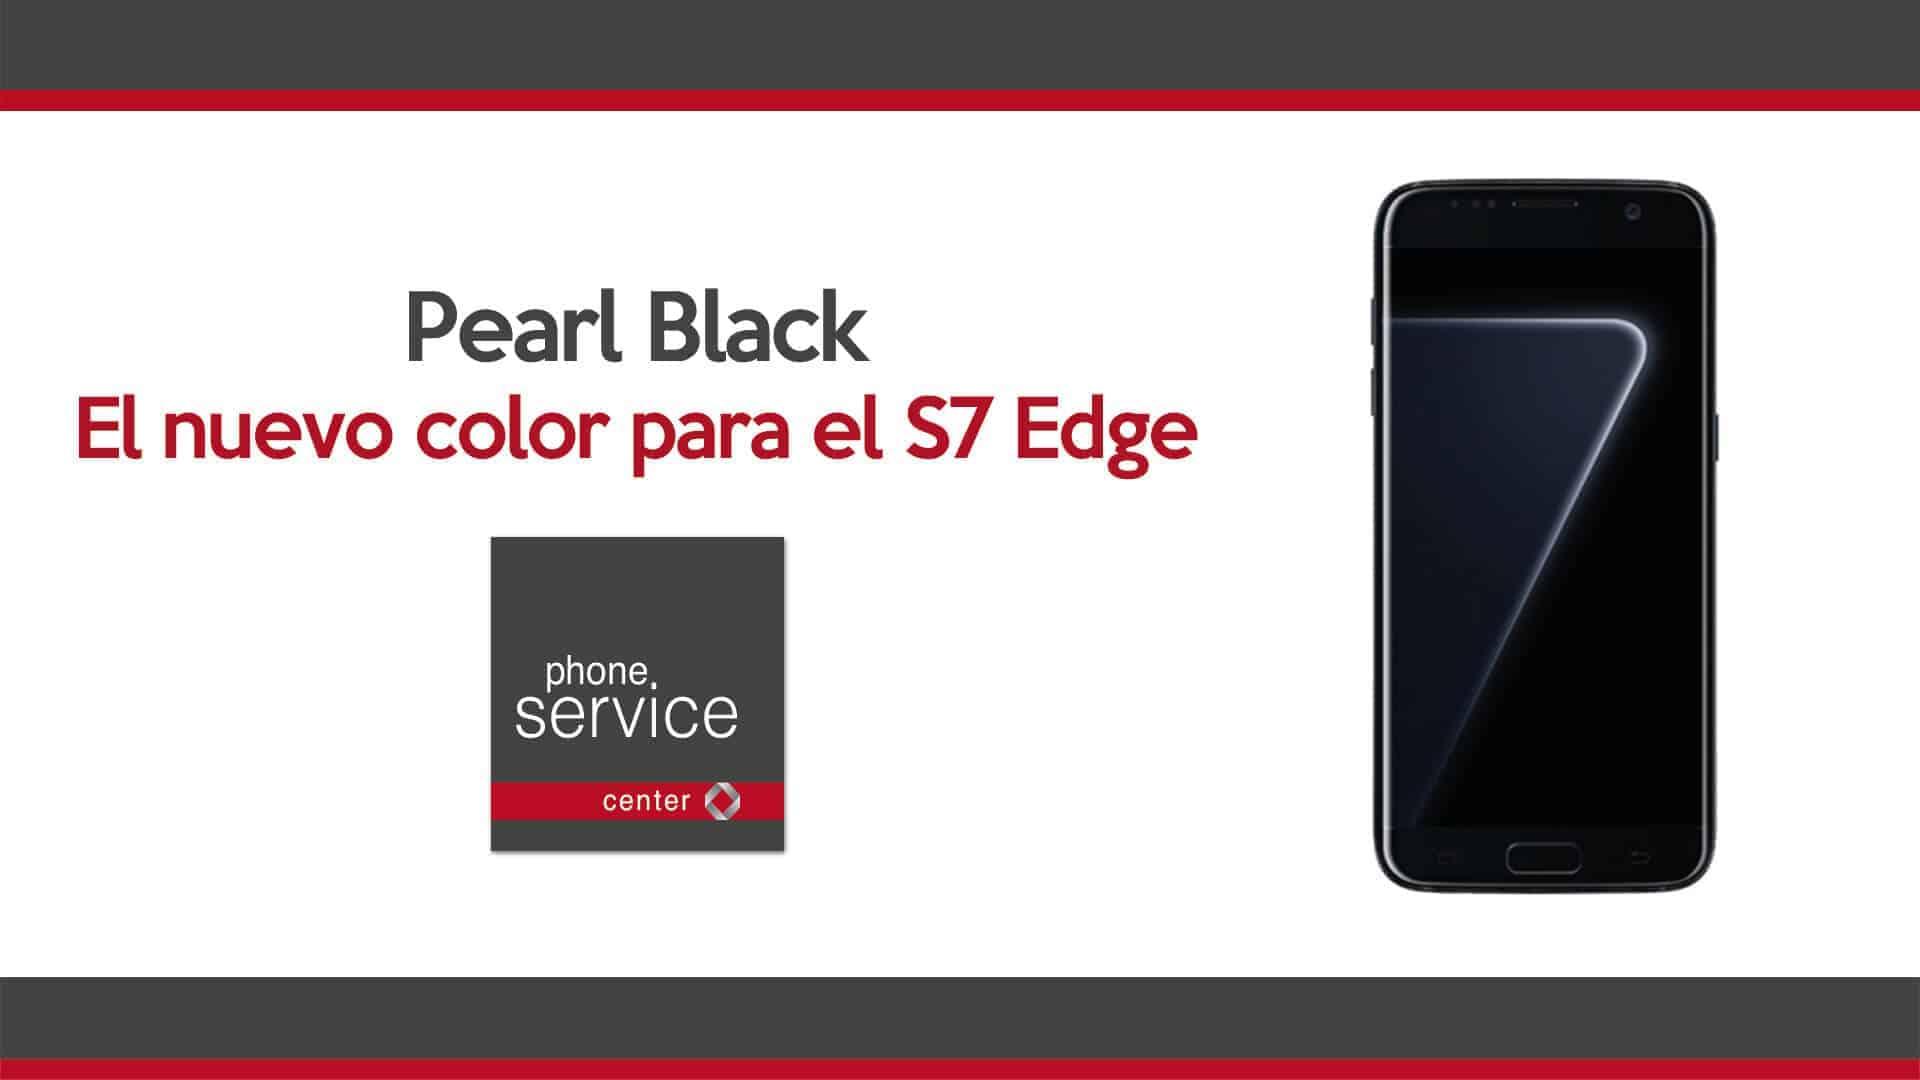 pearl-black-es-el-nuevo-color-para-el-s7-edge